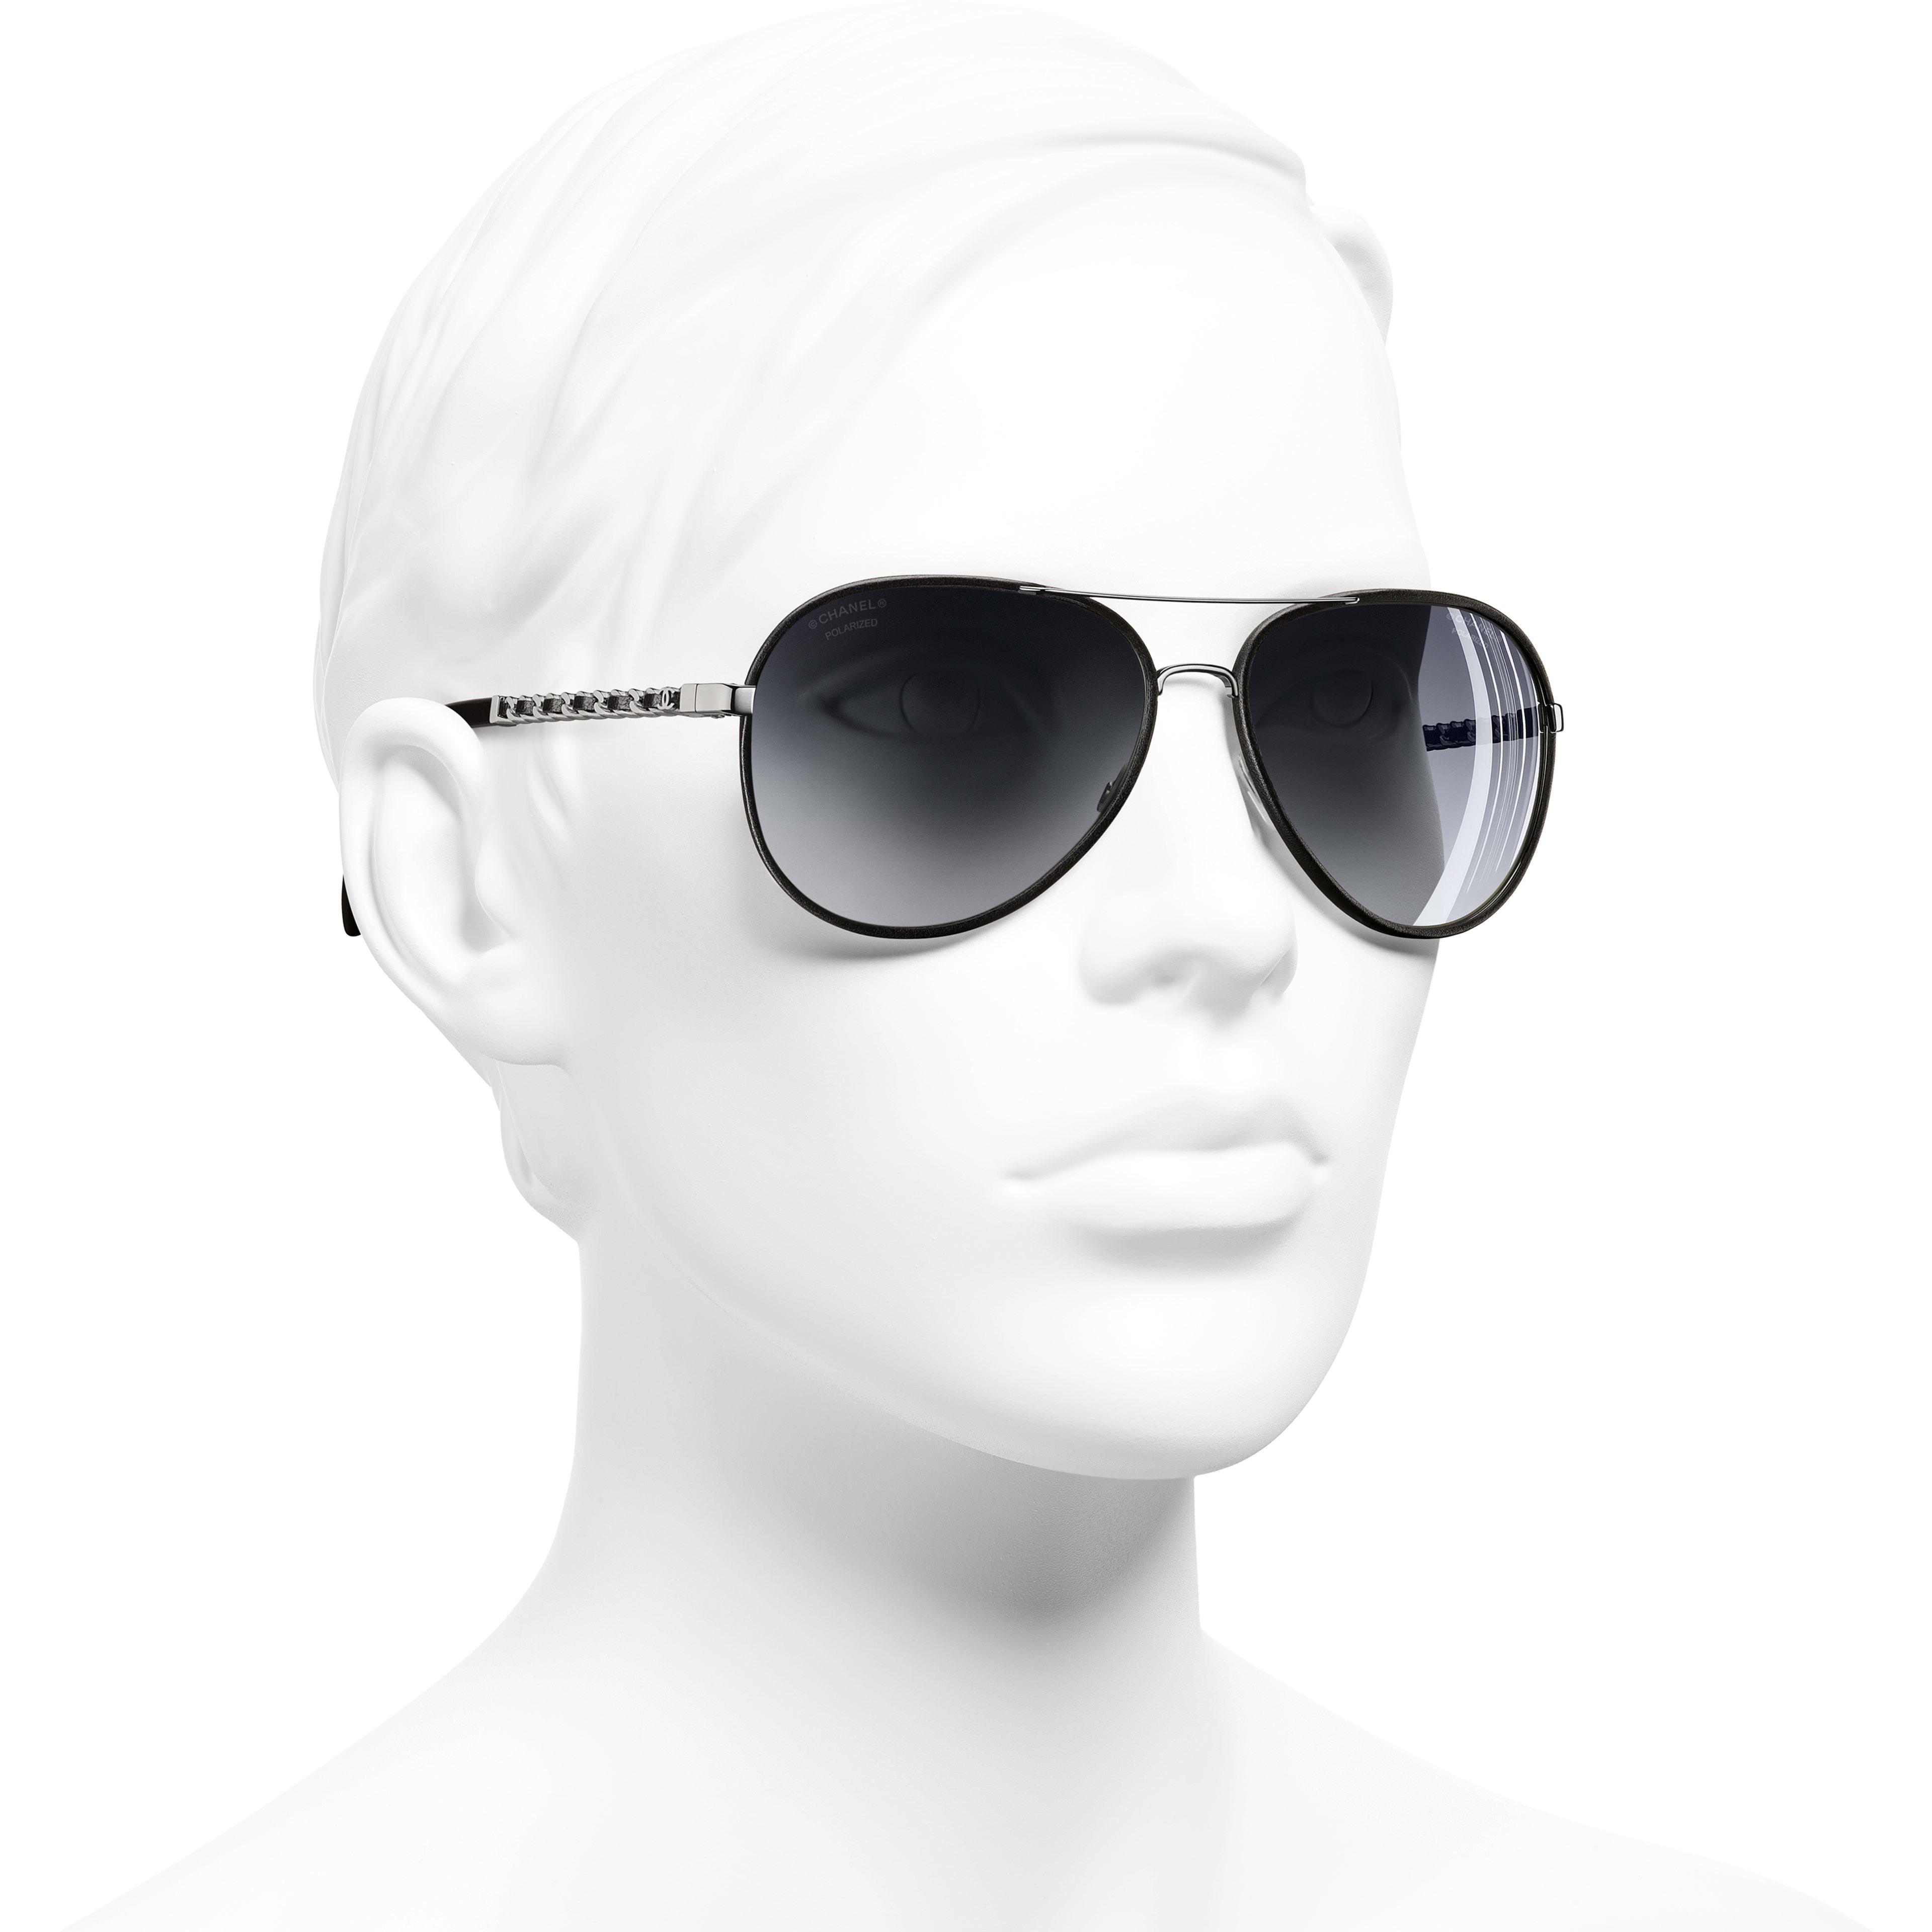 Gafas de sol estilo piloto - Negro - Metal y piel de ternera - CHANEL - Vista 3/4 puesto - ver la versión tamaño estándar